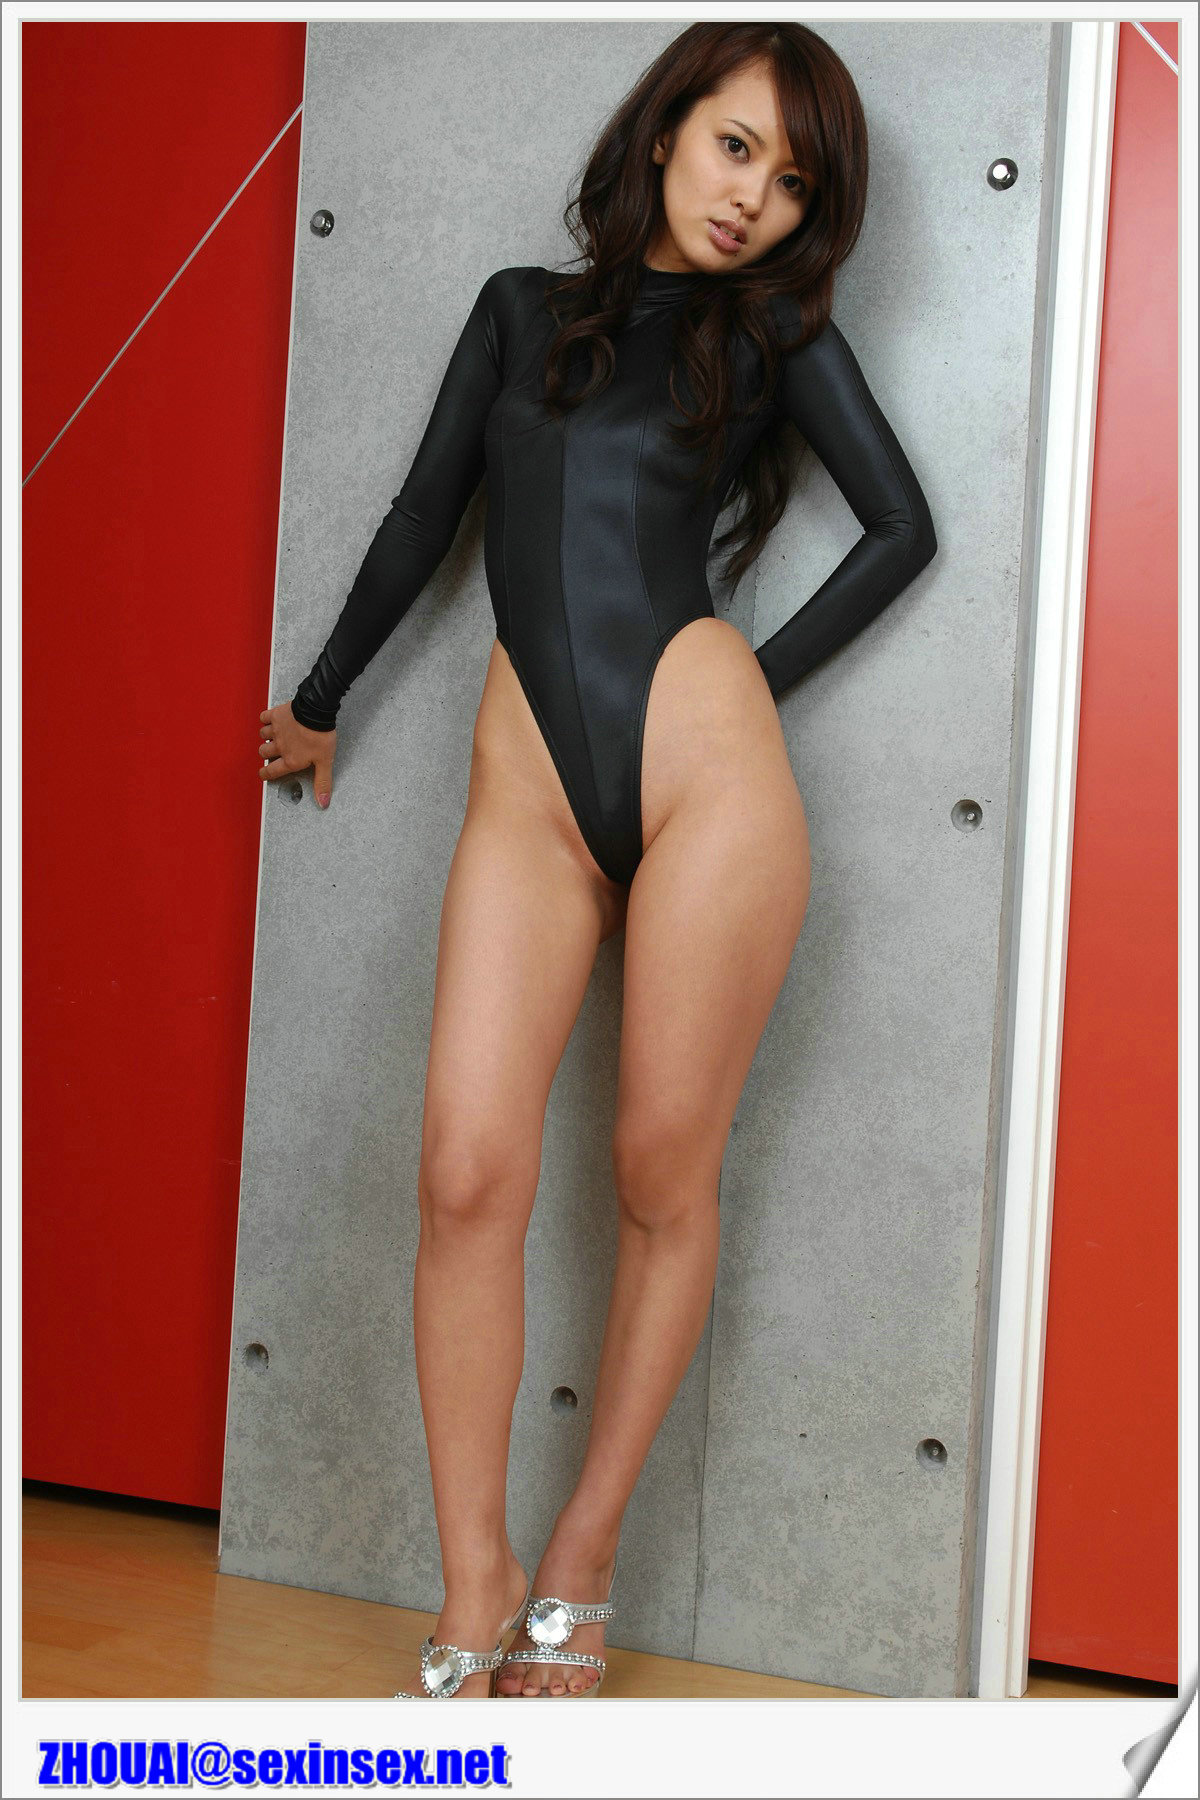 Раздвинутые ноги в метро 15 фотография